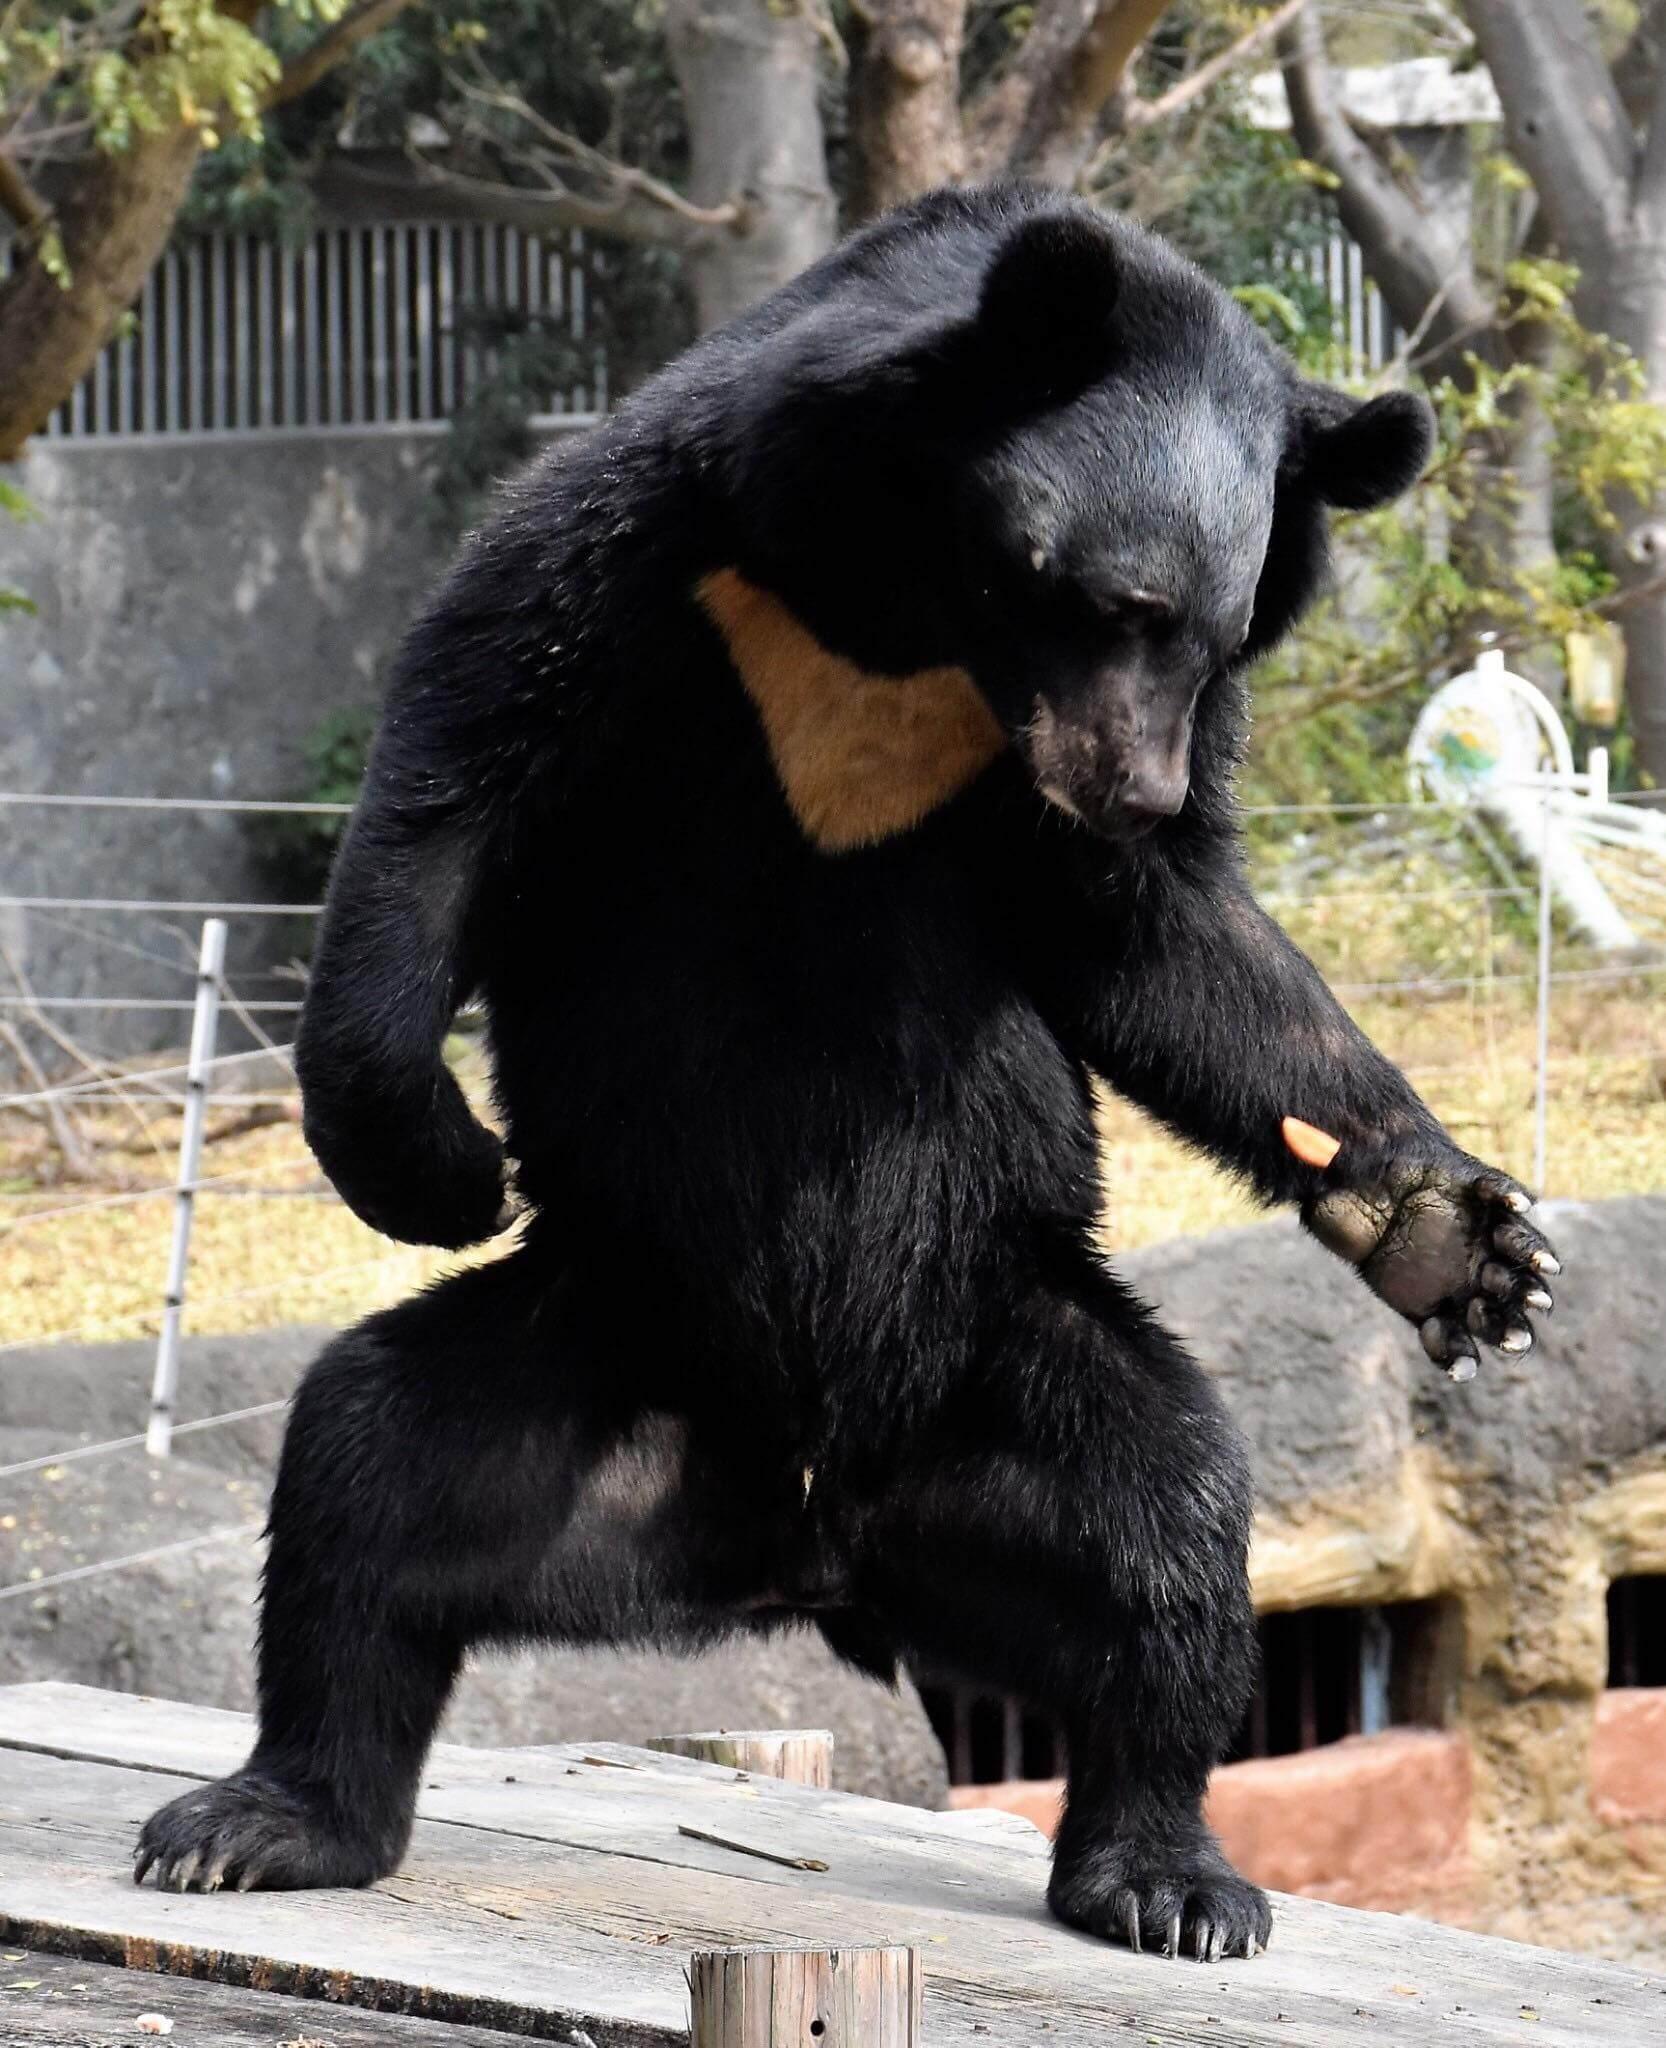 韓國喜劇電影《超人氣動物園》中讓員工扮成動物的奇想劇情,讓網友不禁聯想起高雄壽山動物園的台灣黑熊「波比」。